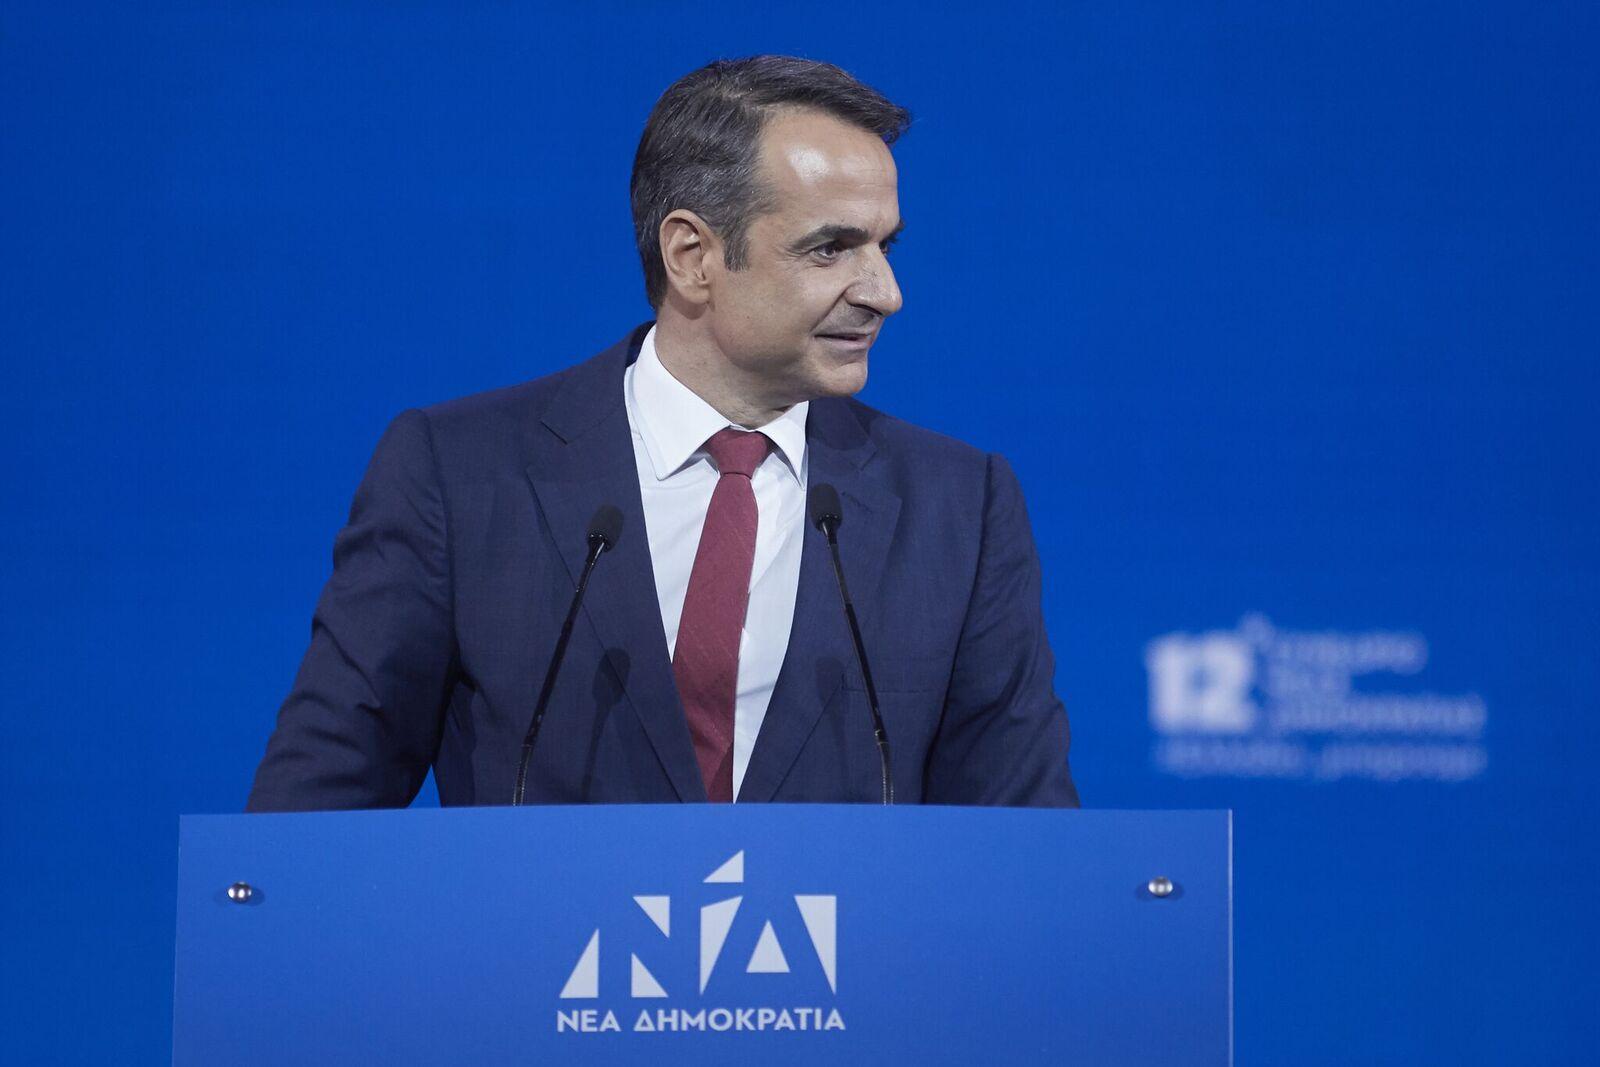 Επίθεση Μητσοτάκη στην κυβέρνηση Τσίπρα από το βήμα του 12ου Συνεδρίου της ΝΔ.